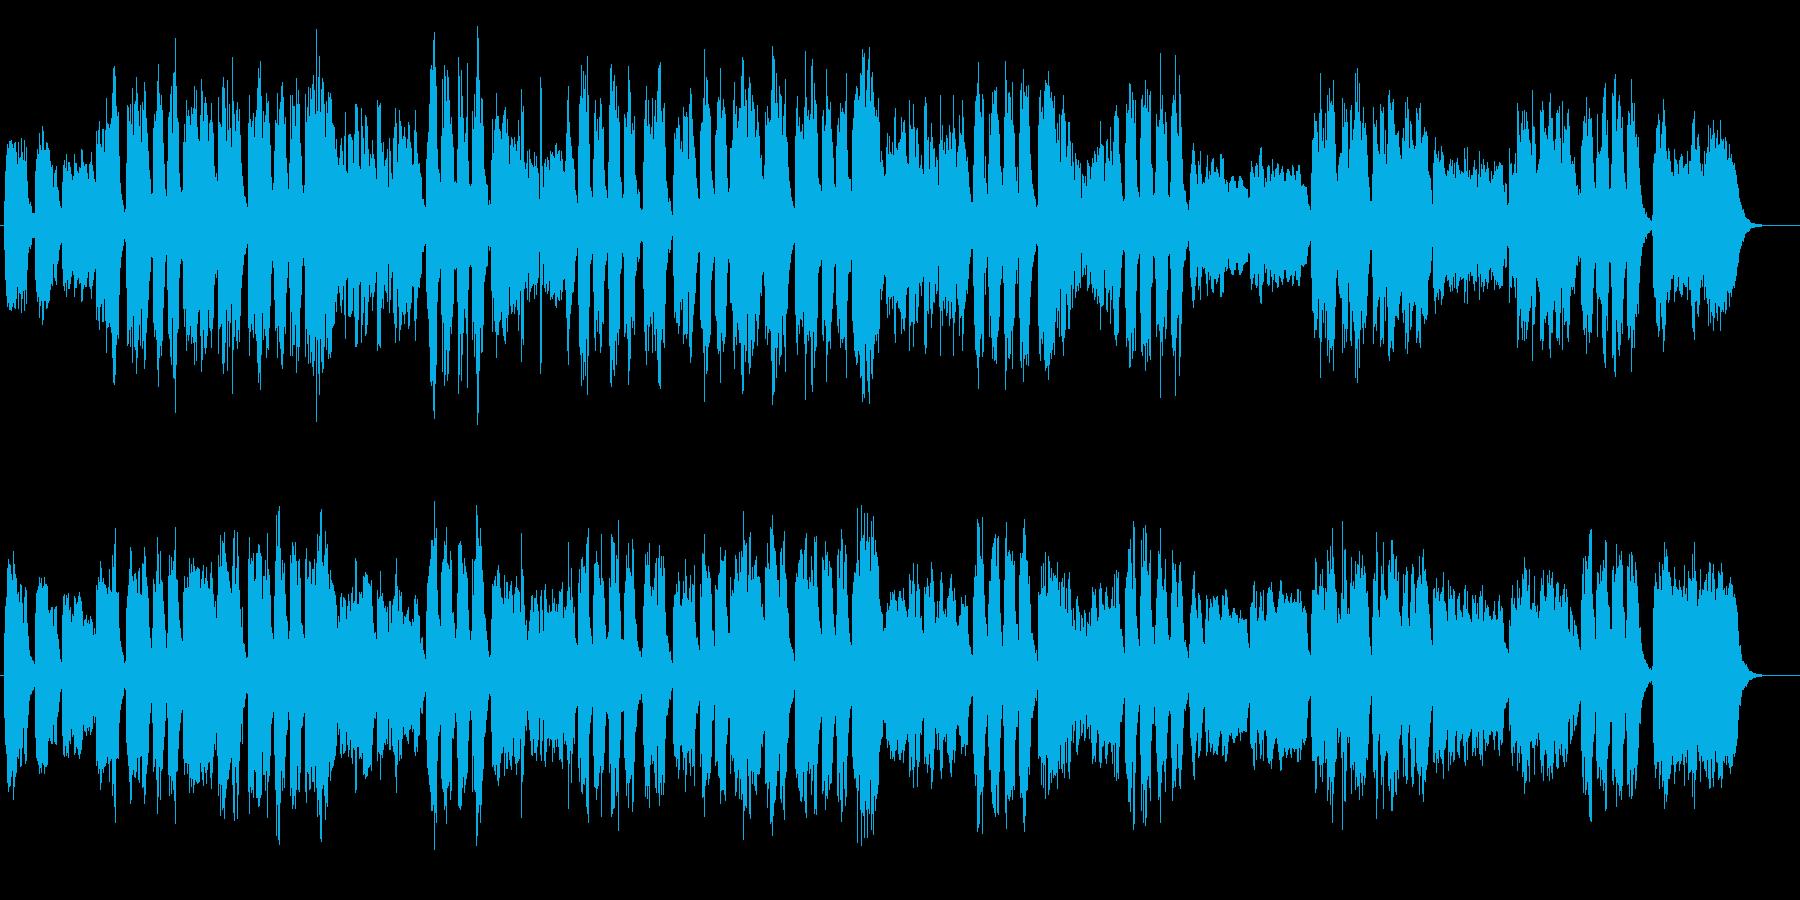 ハレルヤ合唱 パイプオルガンクラシックの再生済みの波形